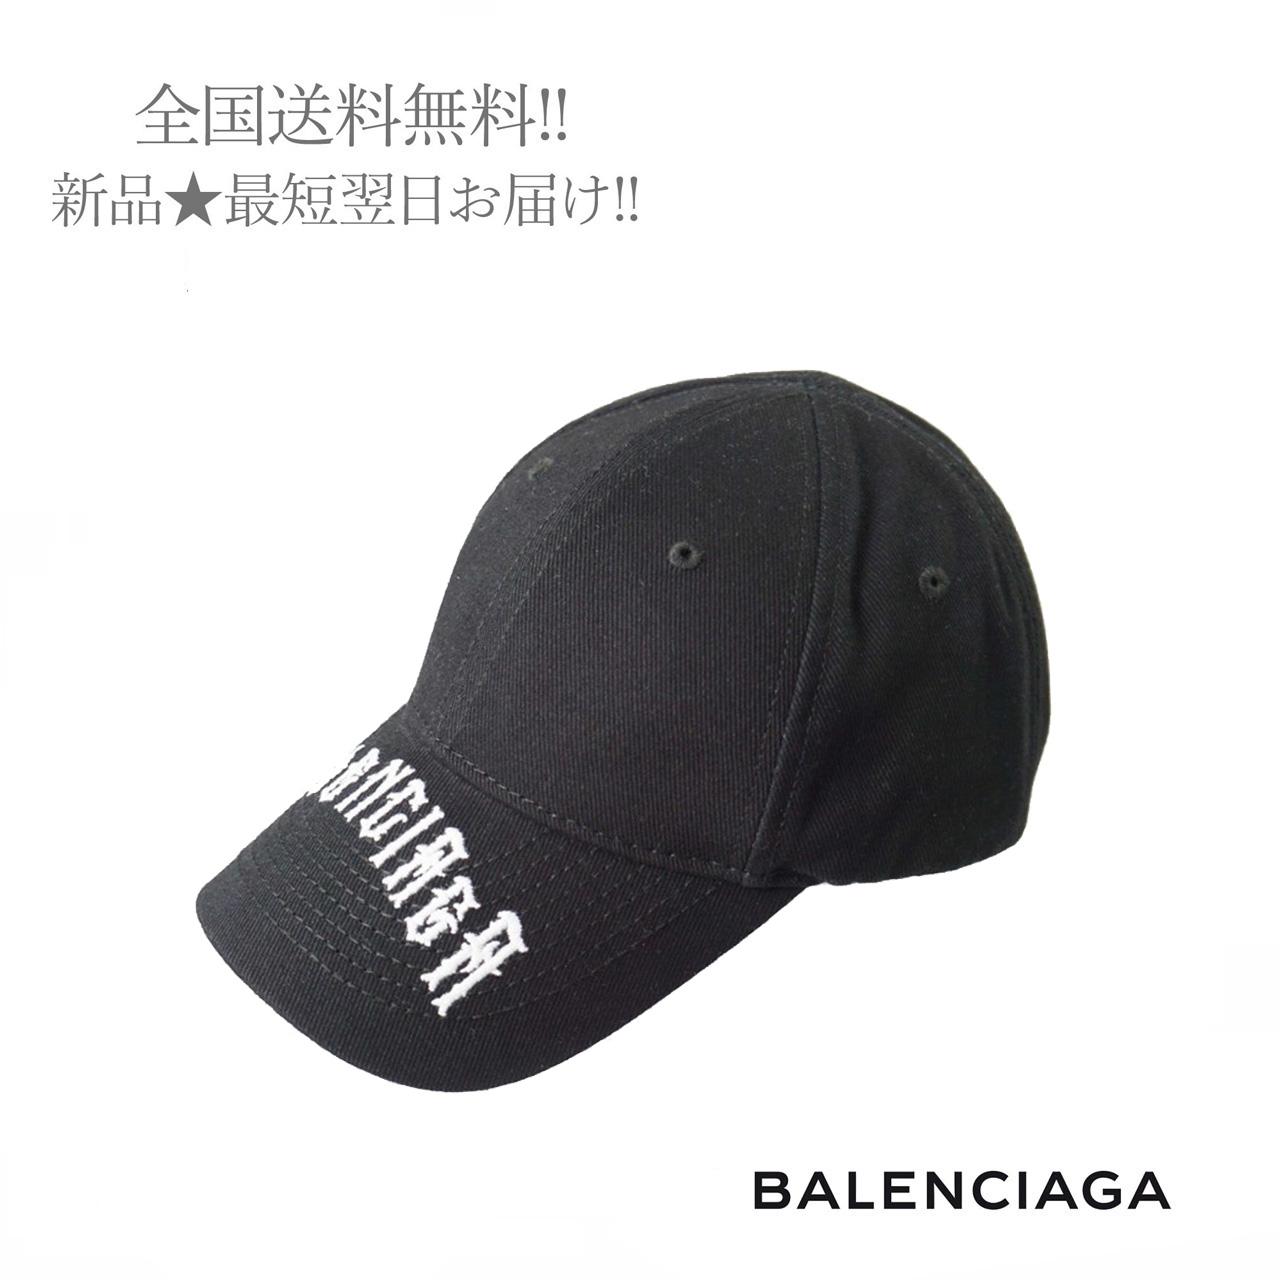 日本正規代理店品 BALENCIAGA バレンシアガ キャップ タトゥー メーカー再生品 イタリア製 1077 ブラック レディース 新品 メンズ フリーサイズ WTタグ ユニセックス L58